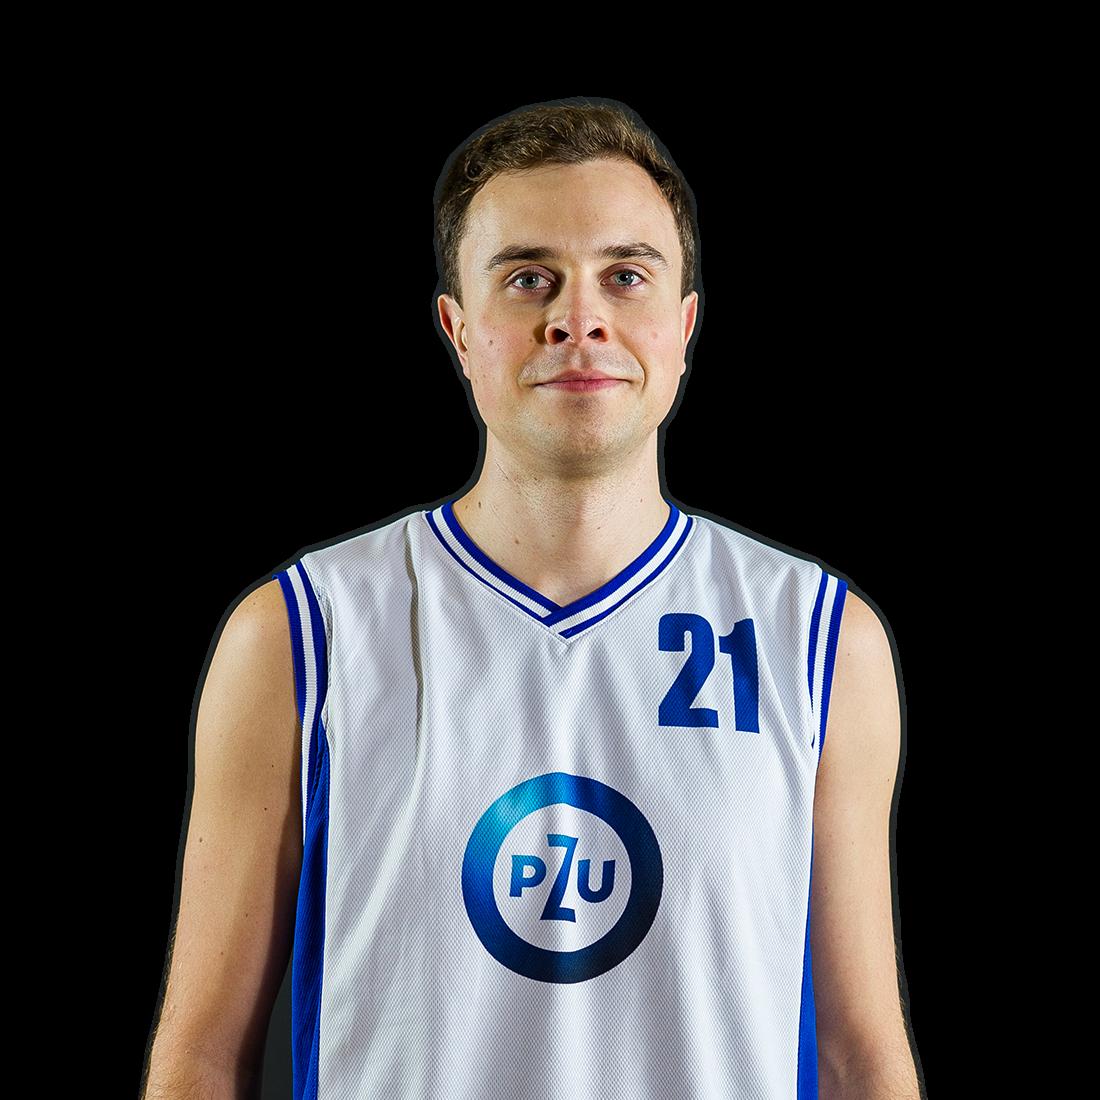 Łukasz Krawczyk